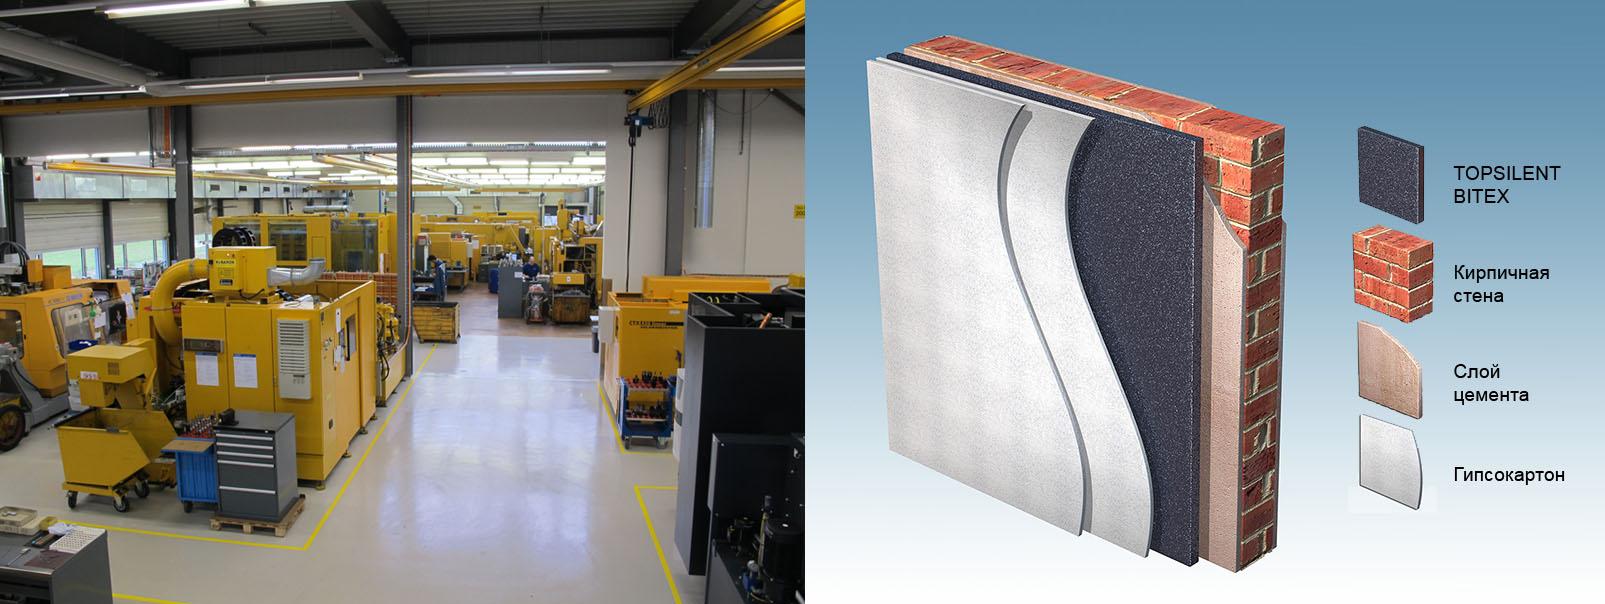 Пример производственного помещения в котором уменьшили шум, применив звукоизоляционные материалы